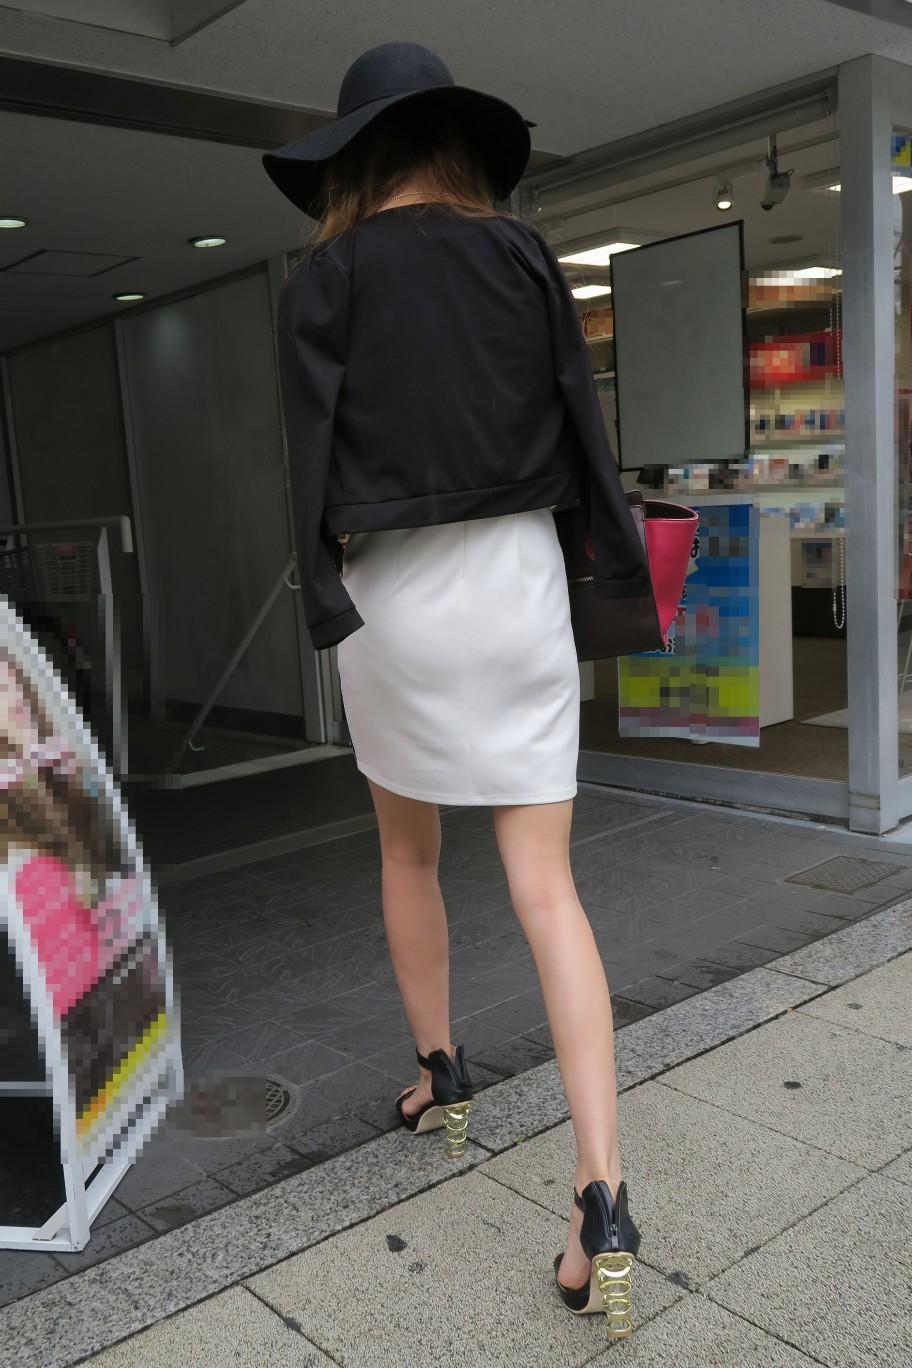 急に飛び込んでくる街中で見る美脚女子のエロ画像33枚・7枚目の画像